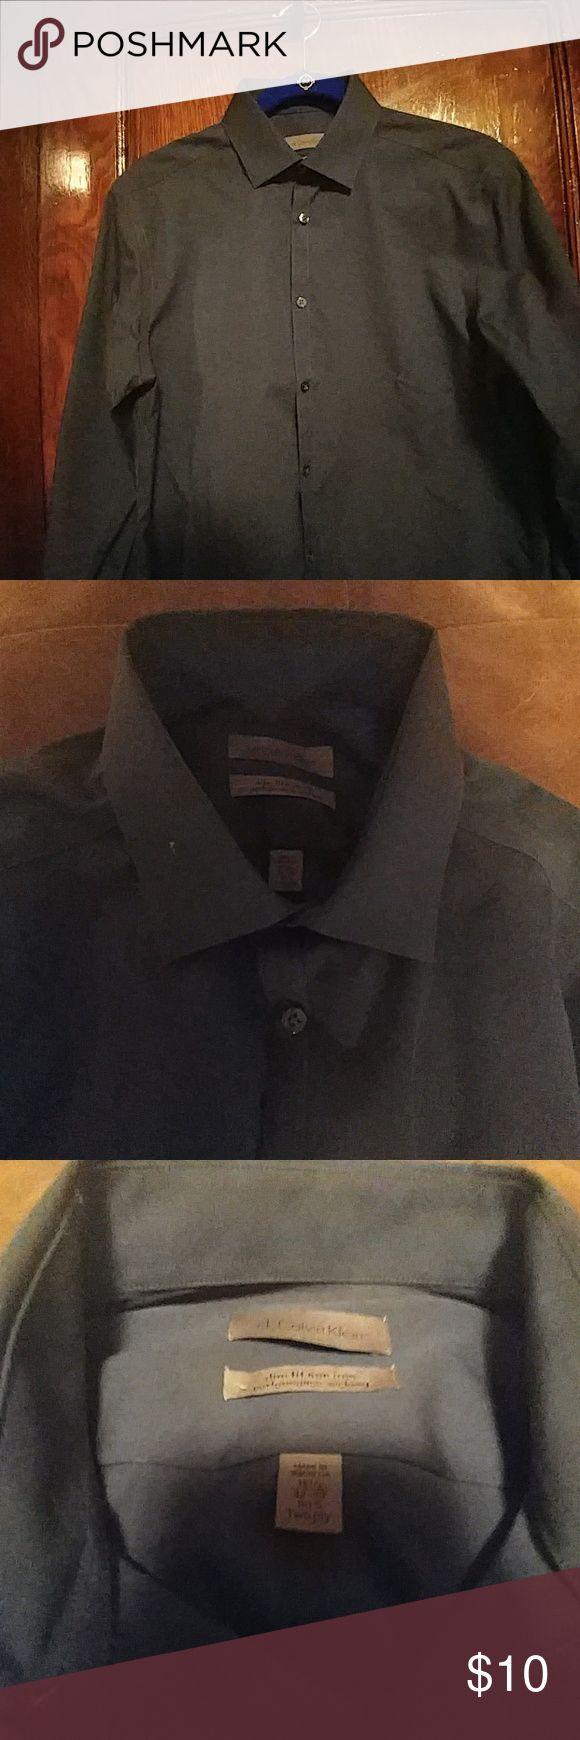 Mens navy blue dress shirt Ck Calvin Klein navy blue slim fit dress shirt Shirts Dress Shirts